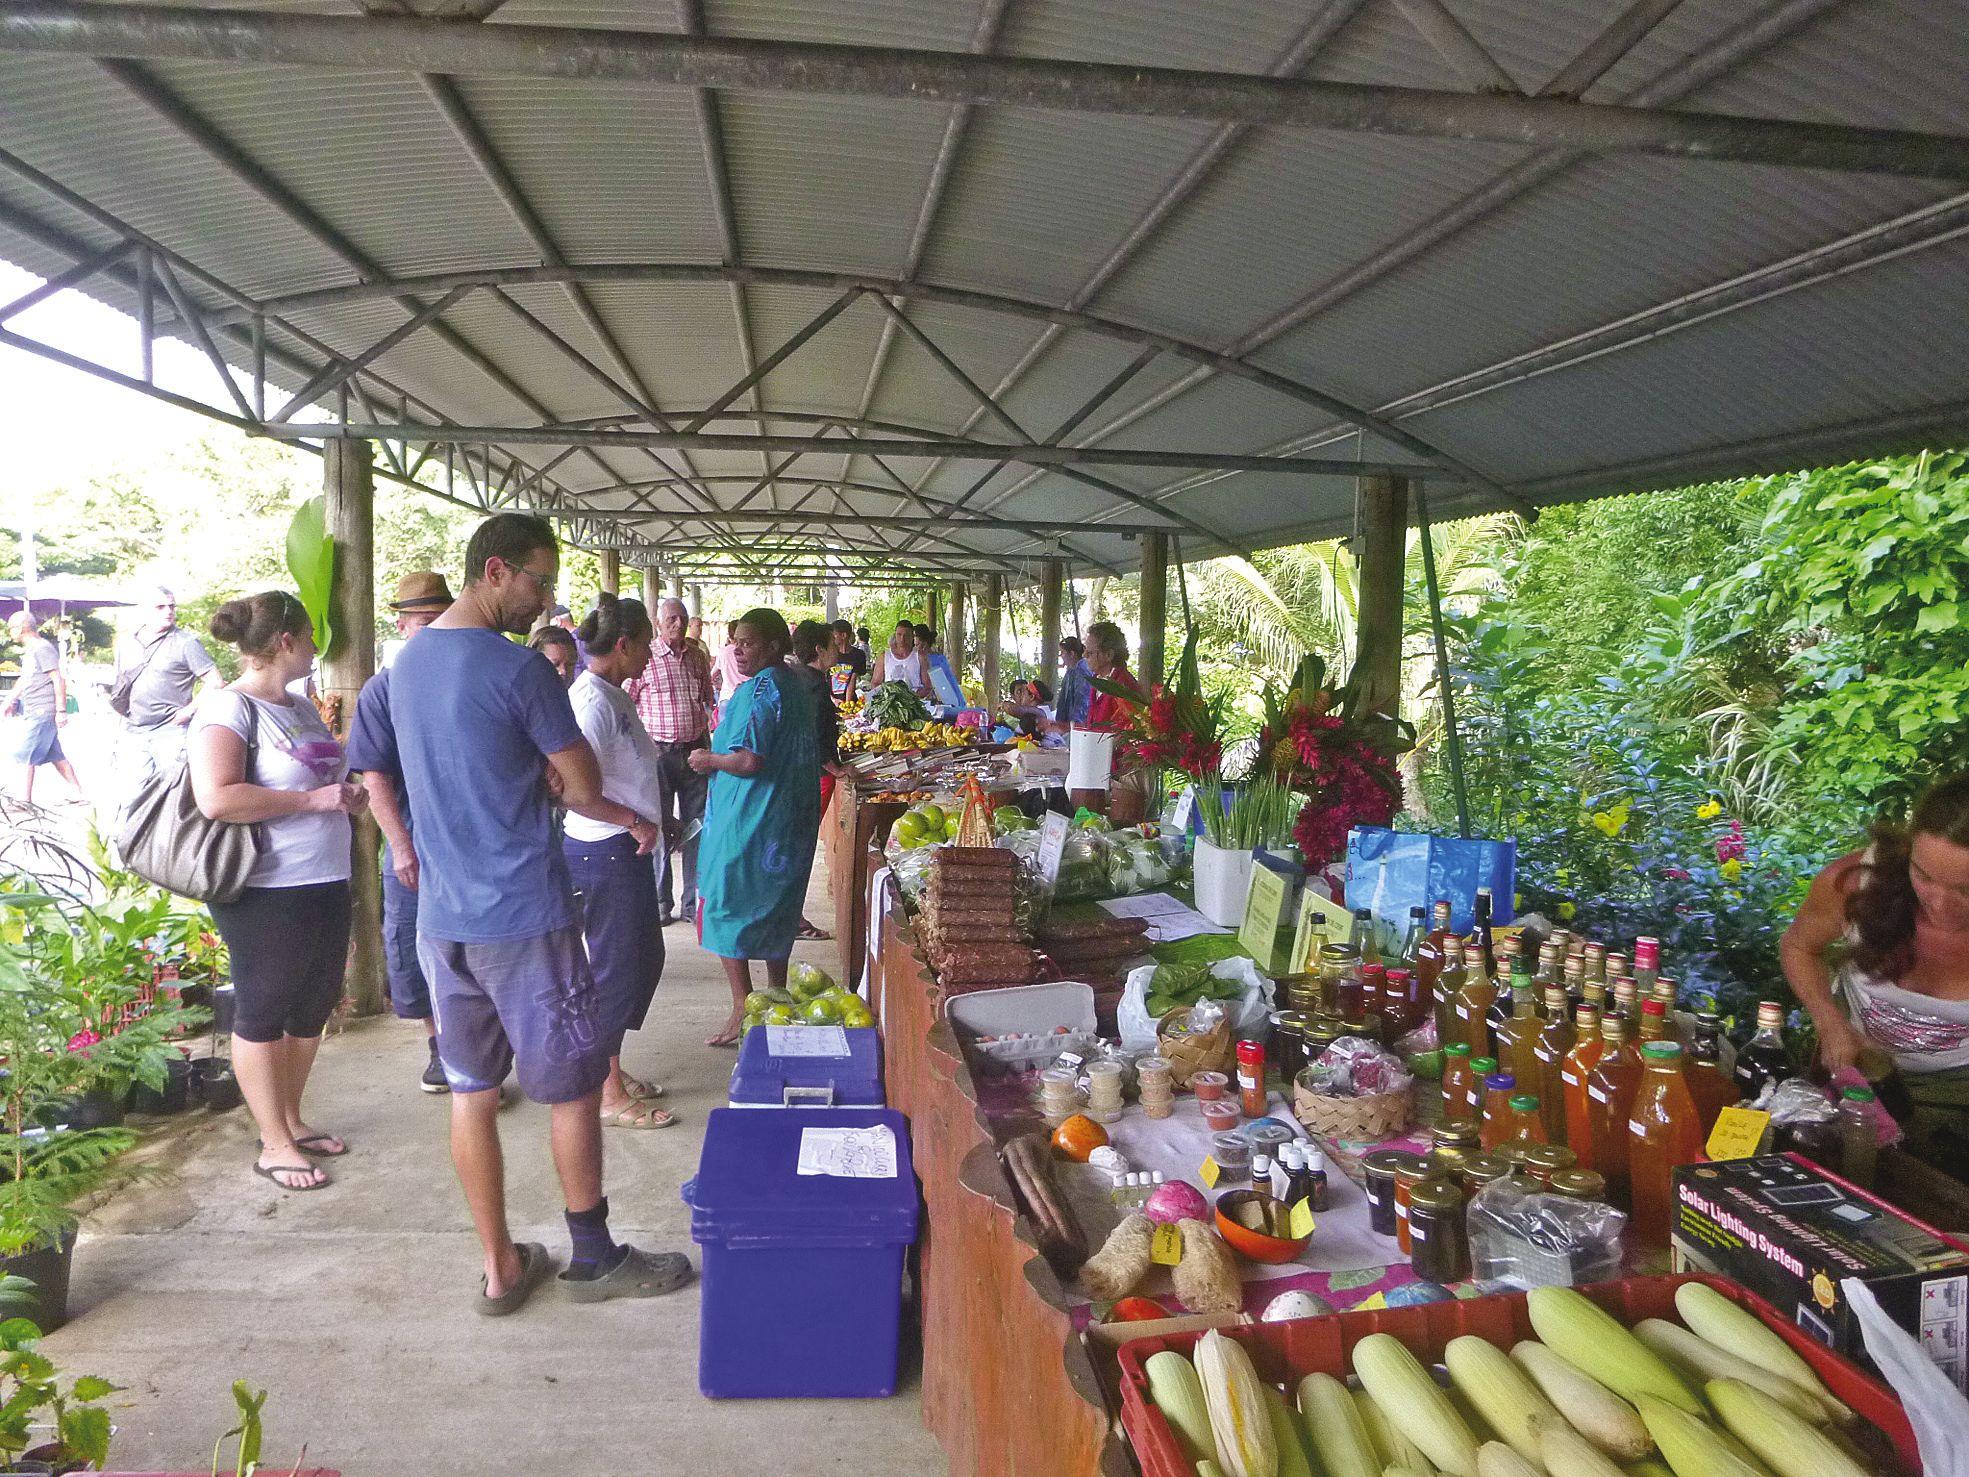 Chaque stand proposait de déguster ses produits : pâtés, confitures, canne à sucre,  gâteaux, saucissons, morceaux de fruits…